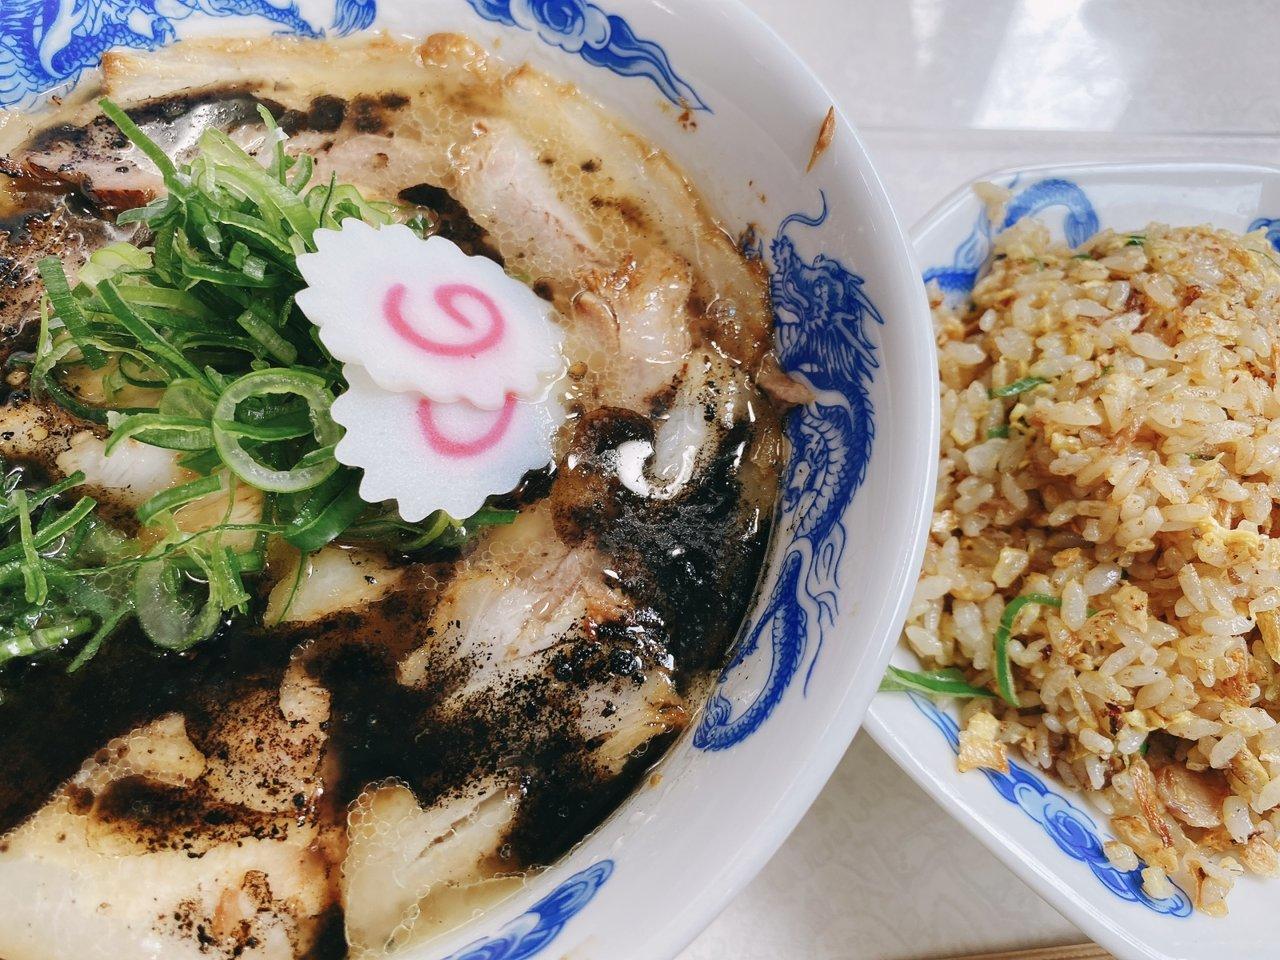 東京ローカルのおいしいラーメンがたべたい|チャーシューそばと半チャーハン